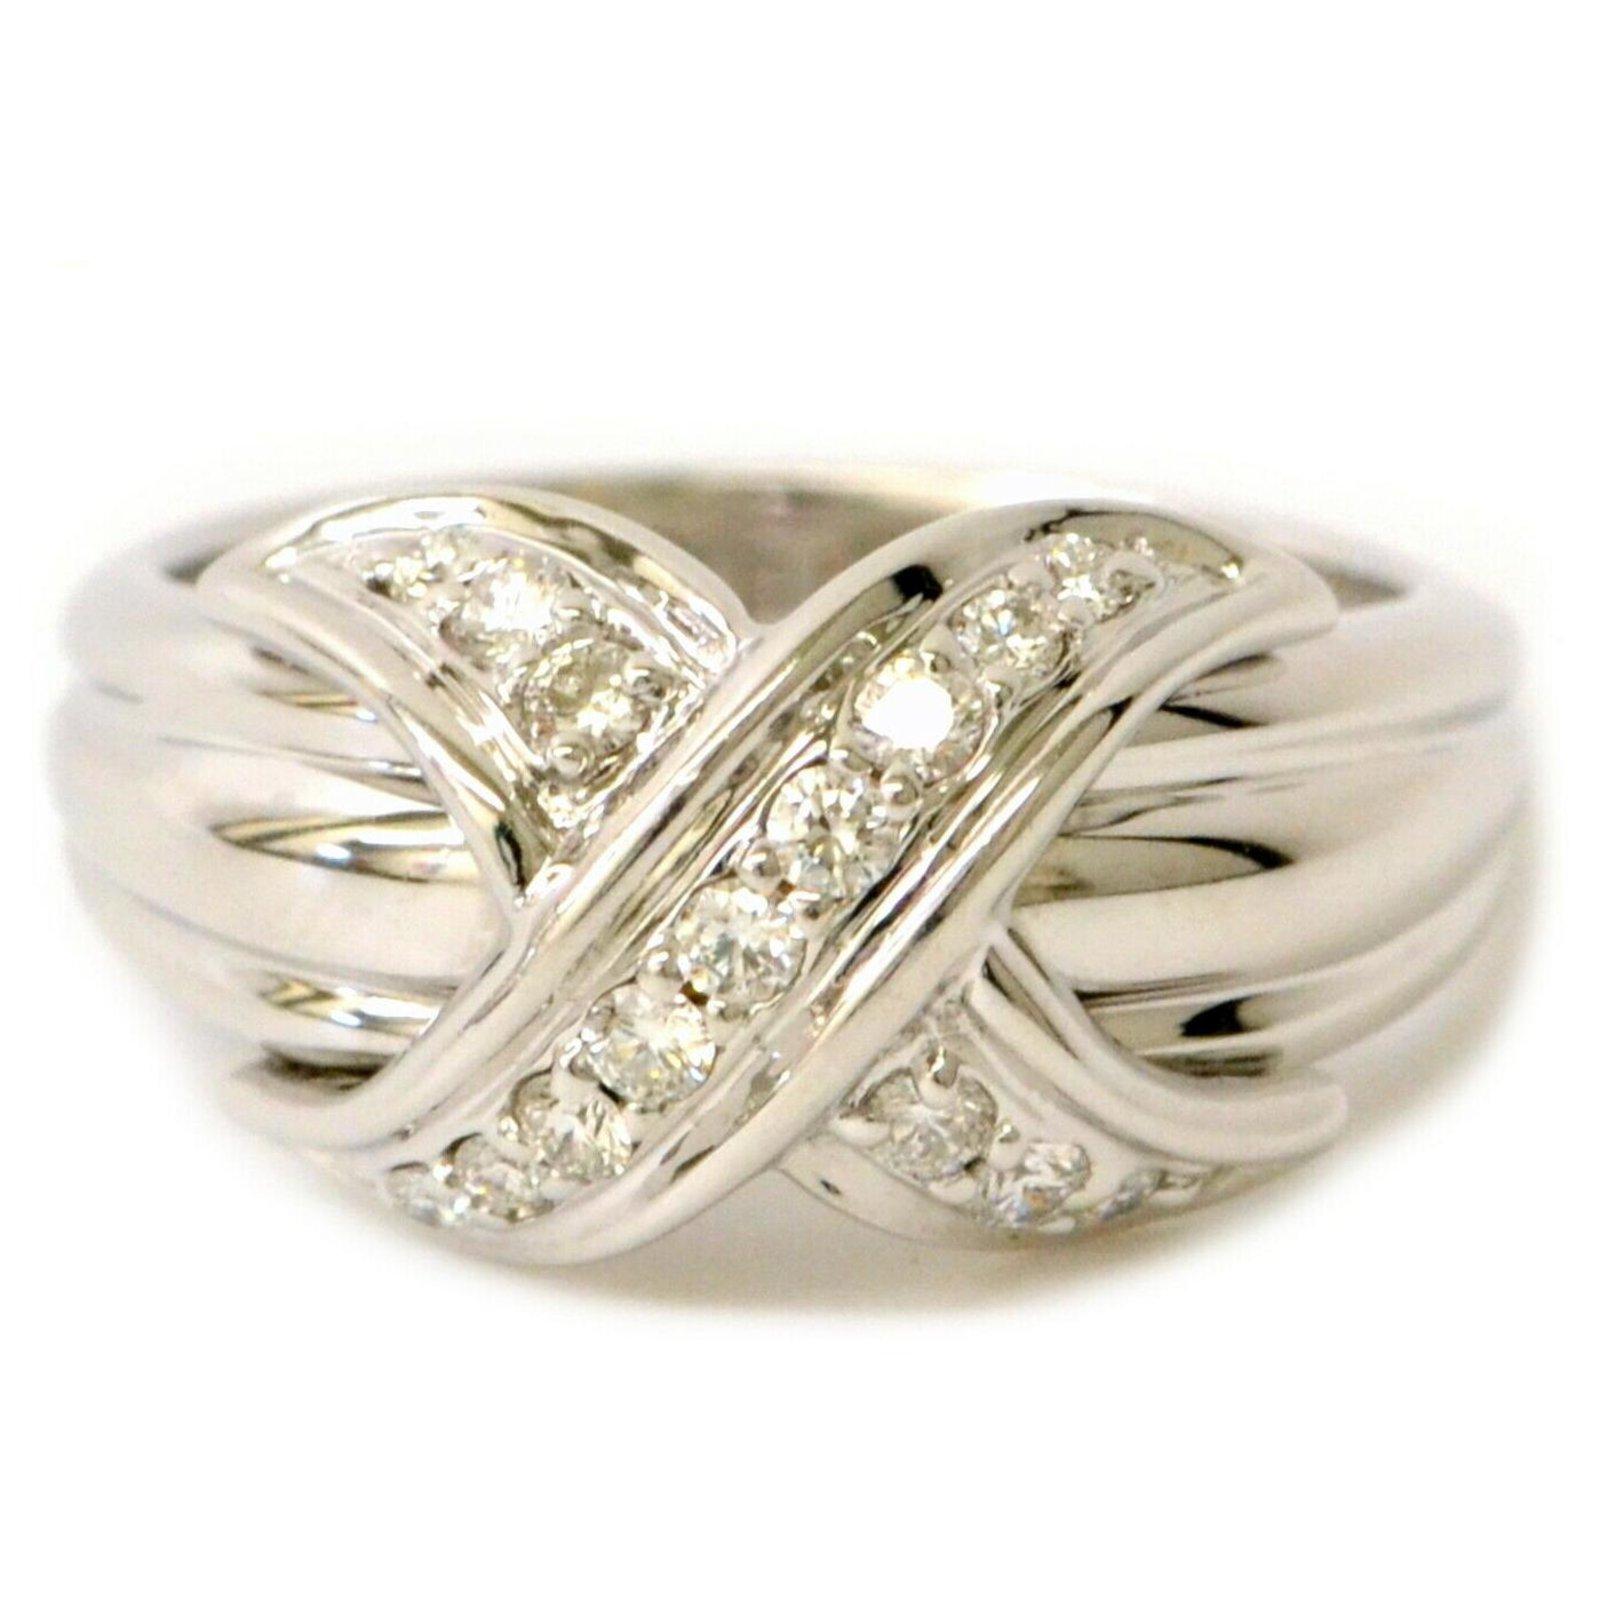 acheter achat authentique vente professionnelle TIFFANY & CO. bague de diamant